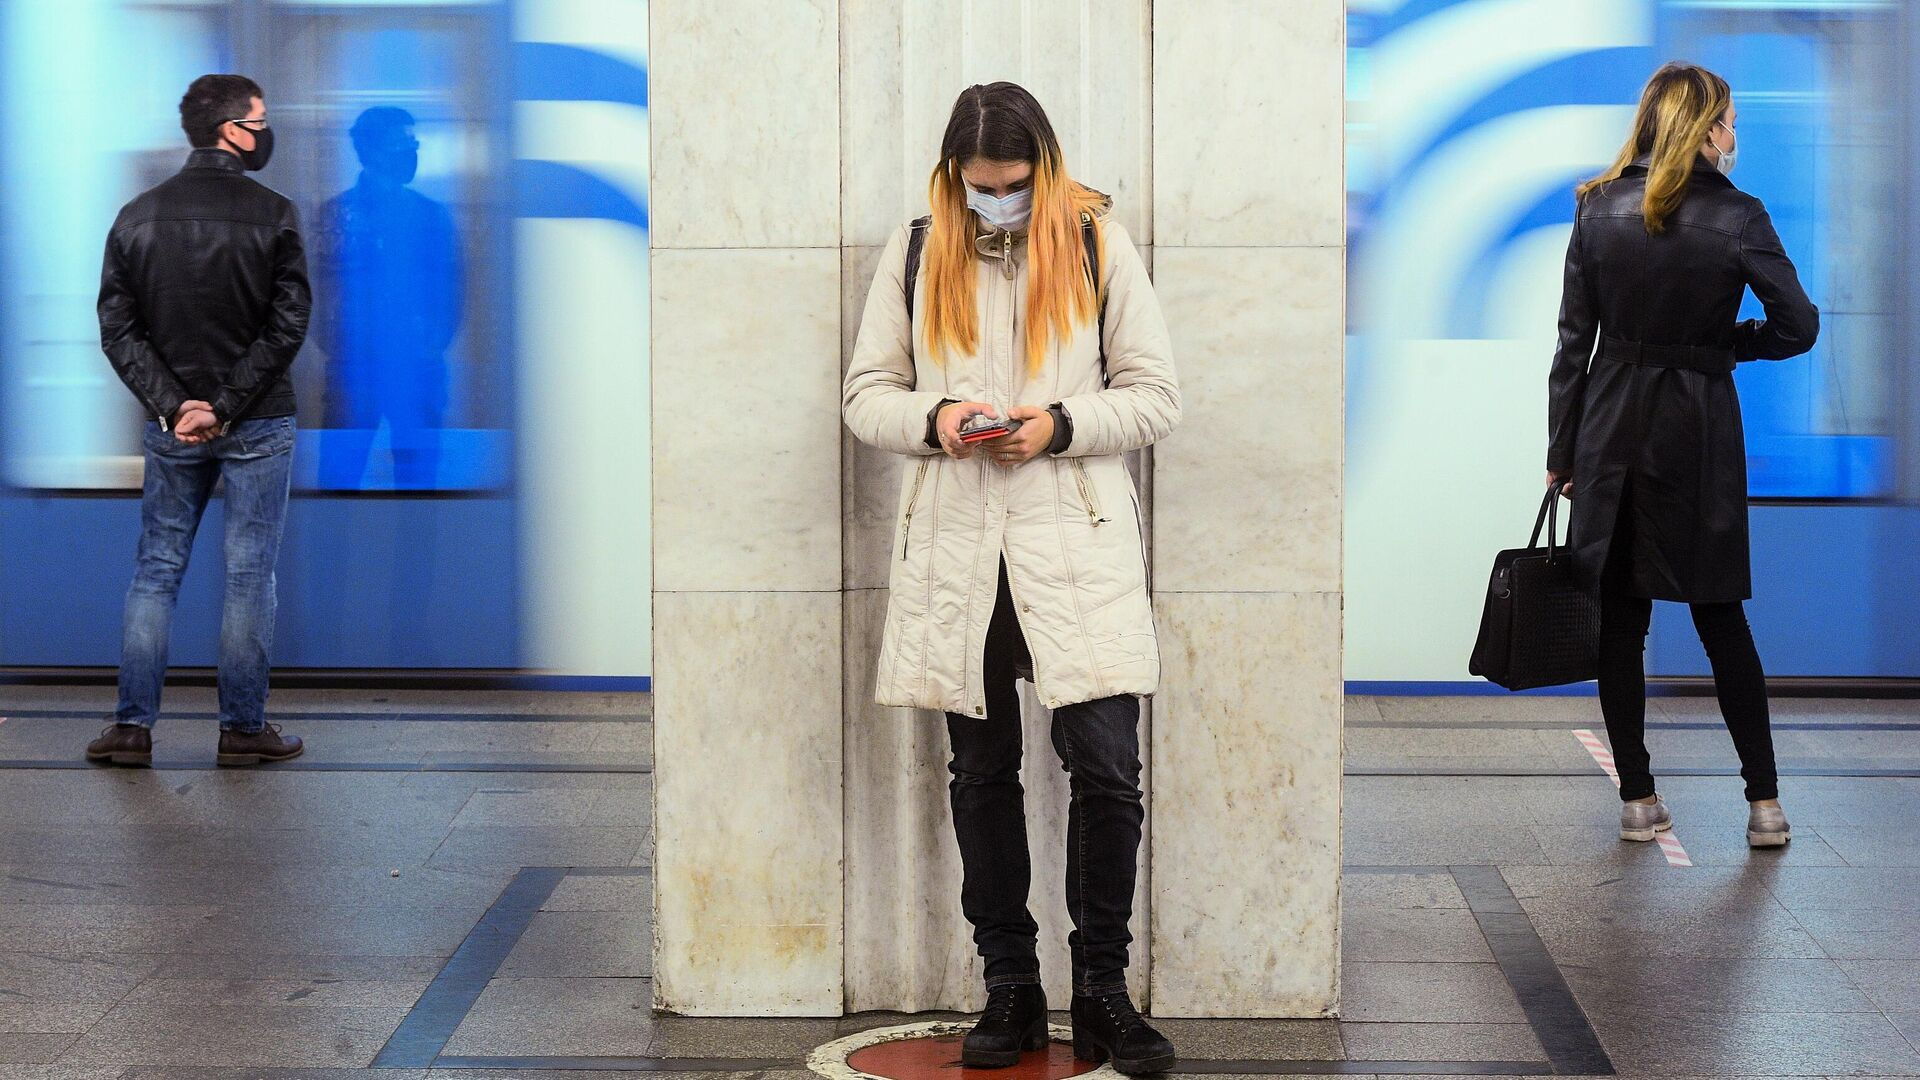 Пассажиры на одной из станций Московского метрополитена - РИА Новости, 1920, 27.10.2020